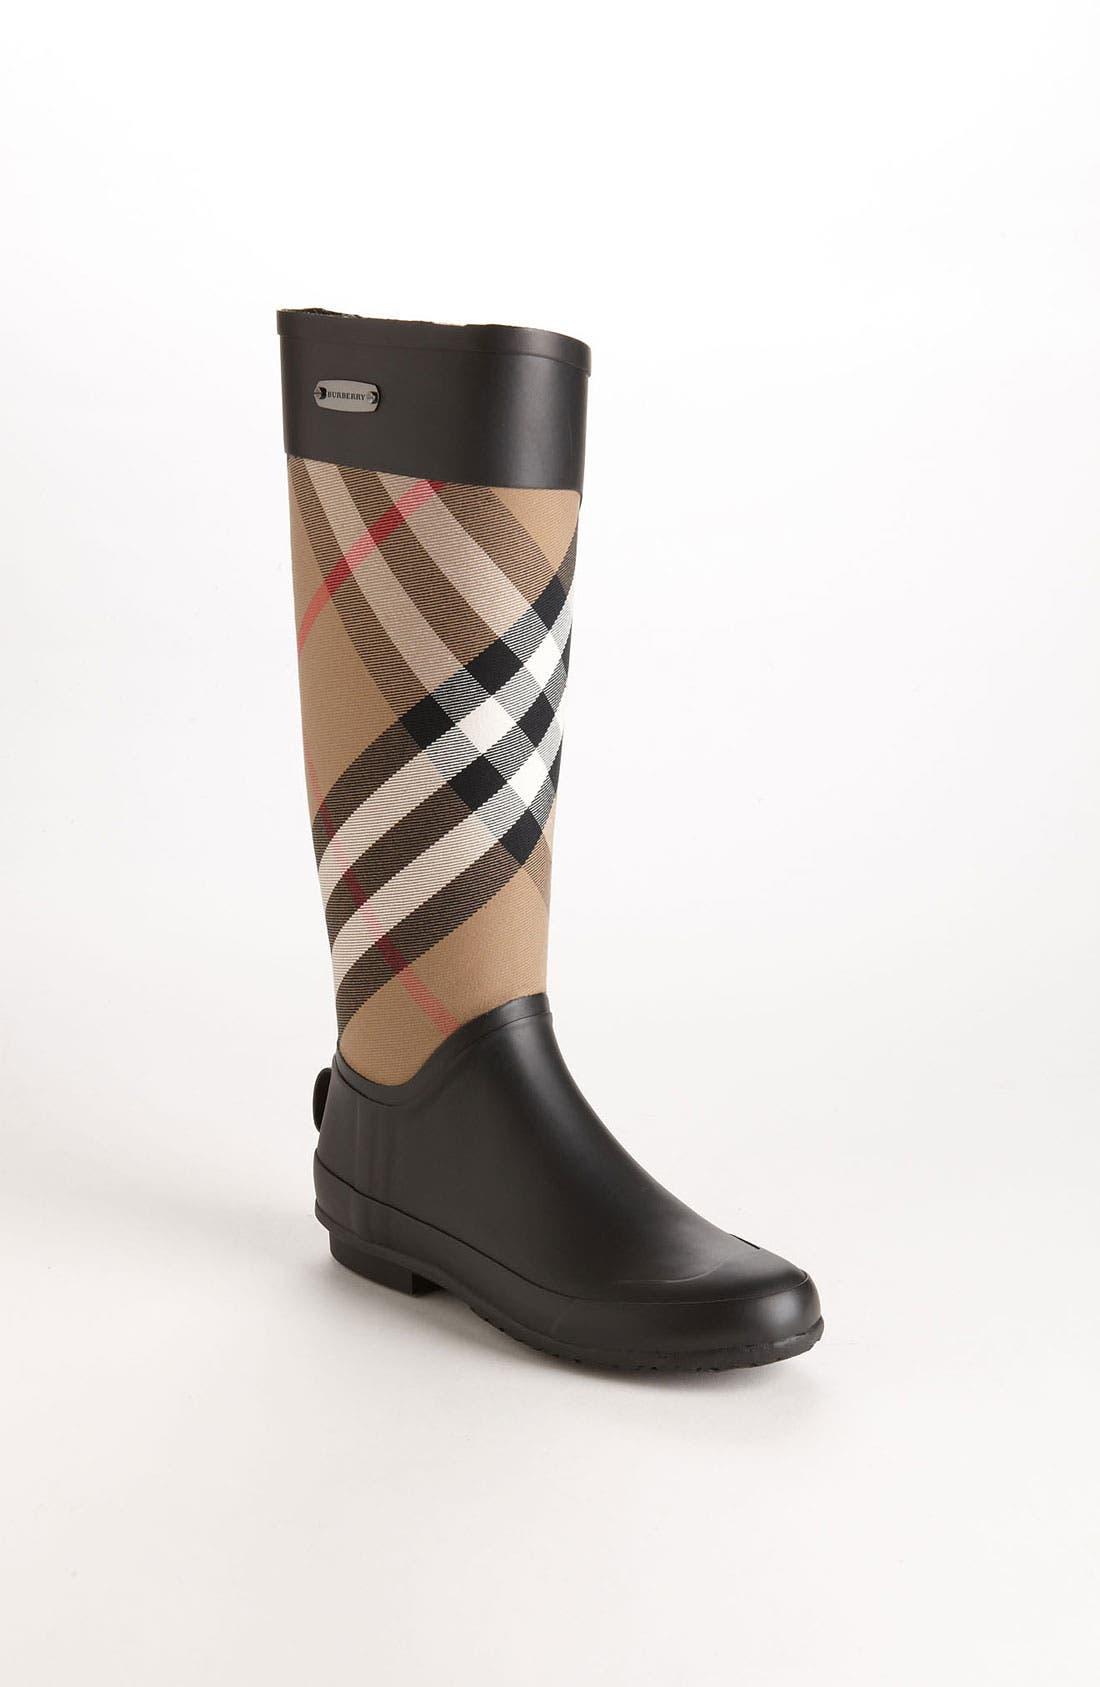 Main Image - Burberry Clemence Rain Boot (Women)